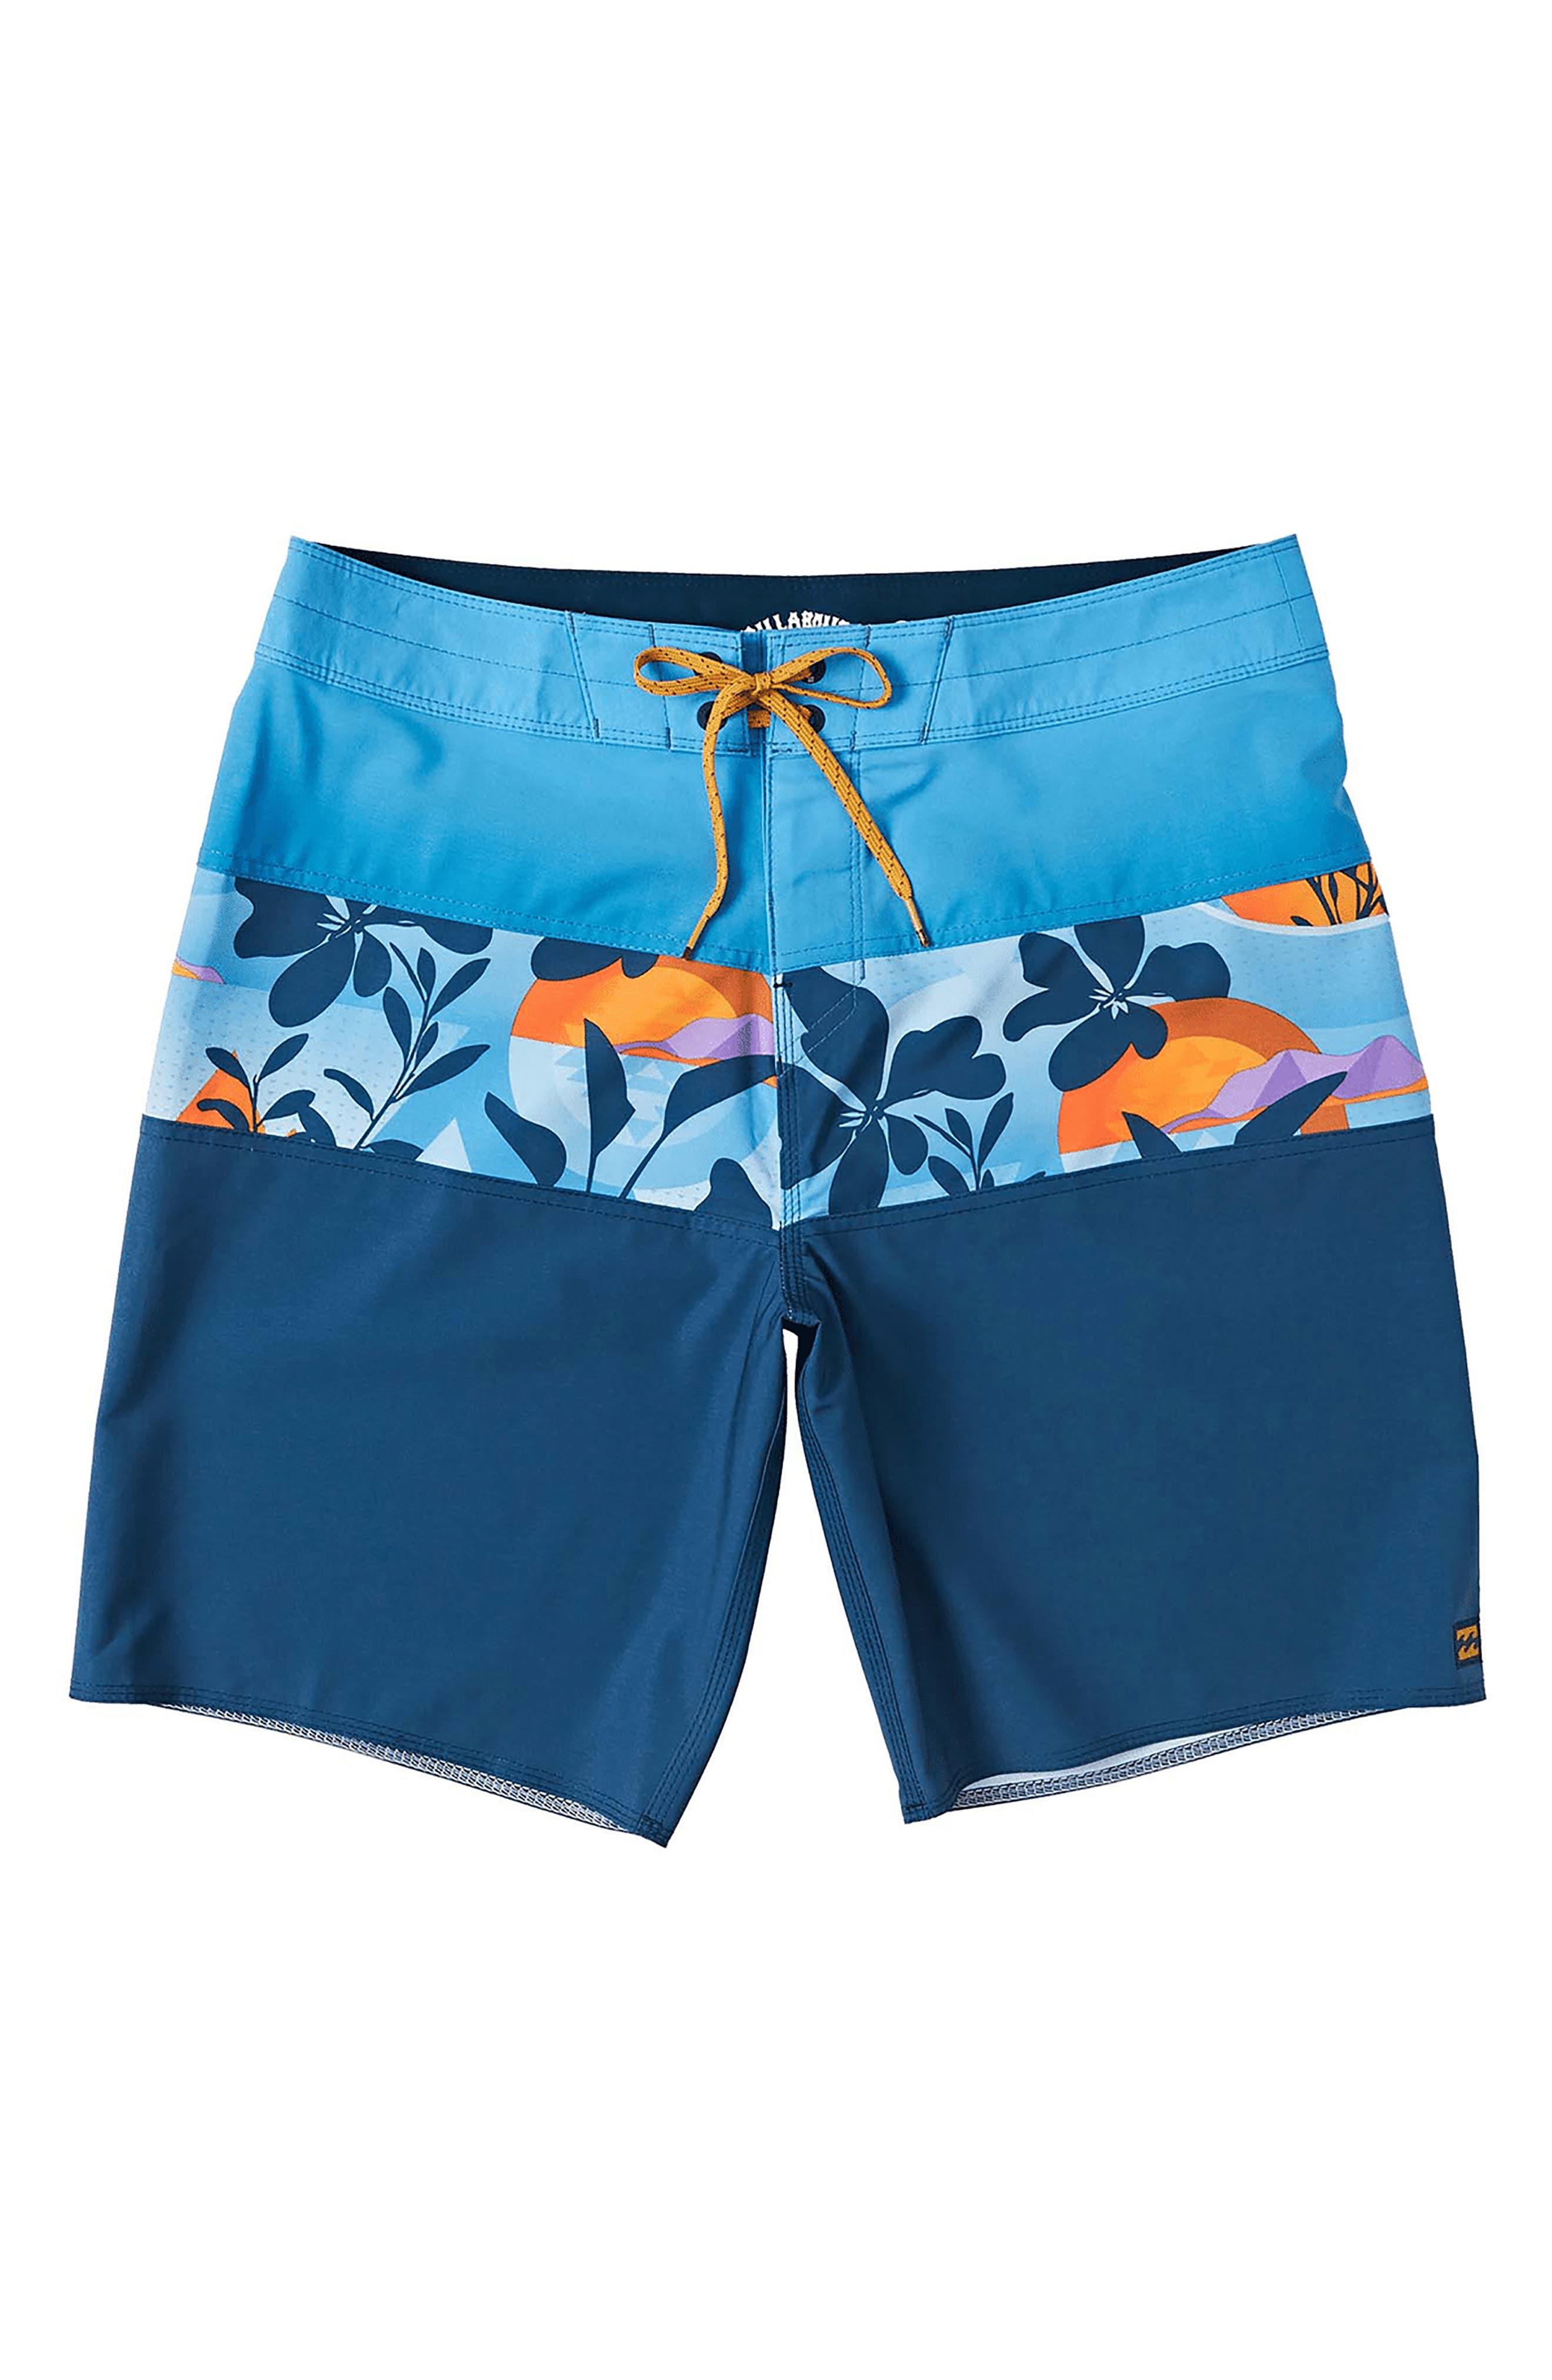 Details about  /Billabong Boys Toddler 3T Board Shorts Sundays OG Black Blue Surf Beach